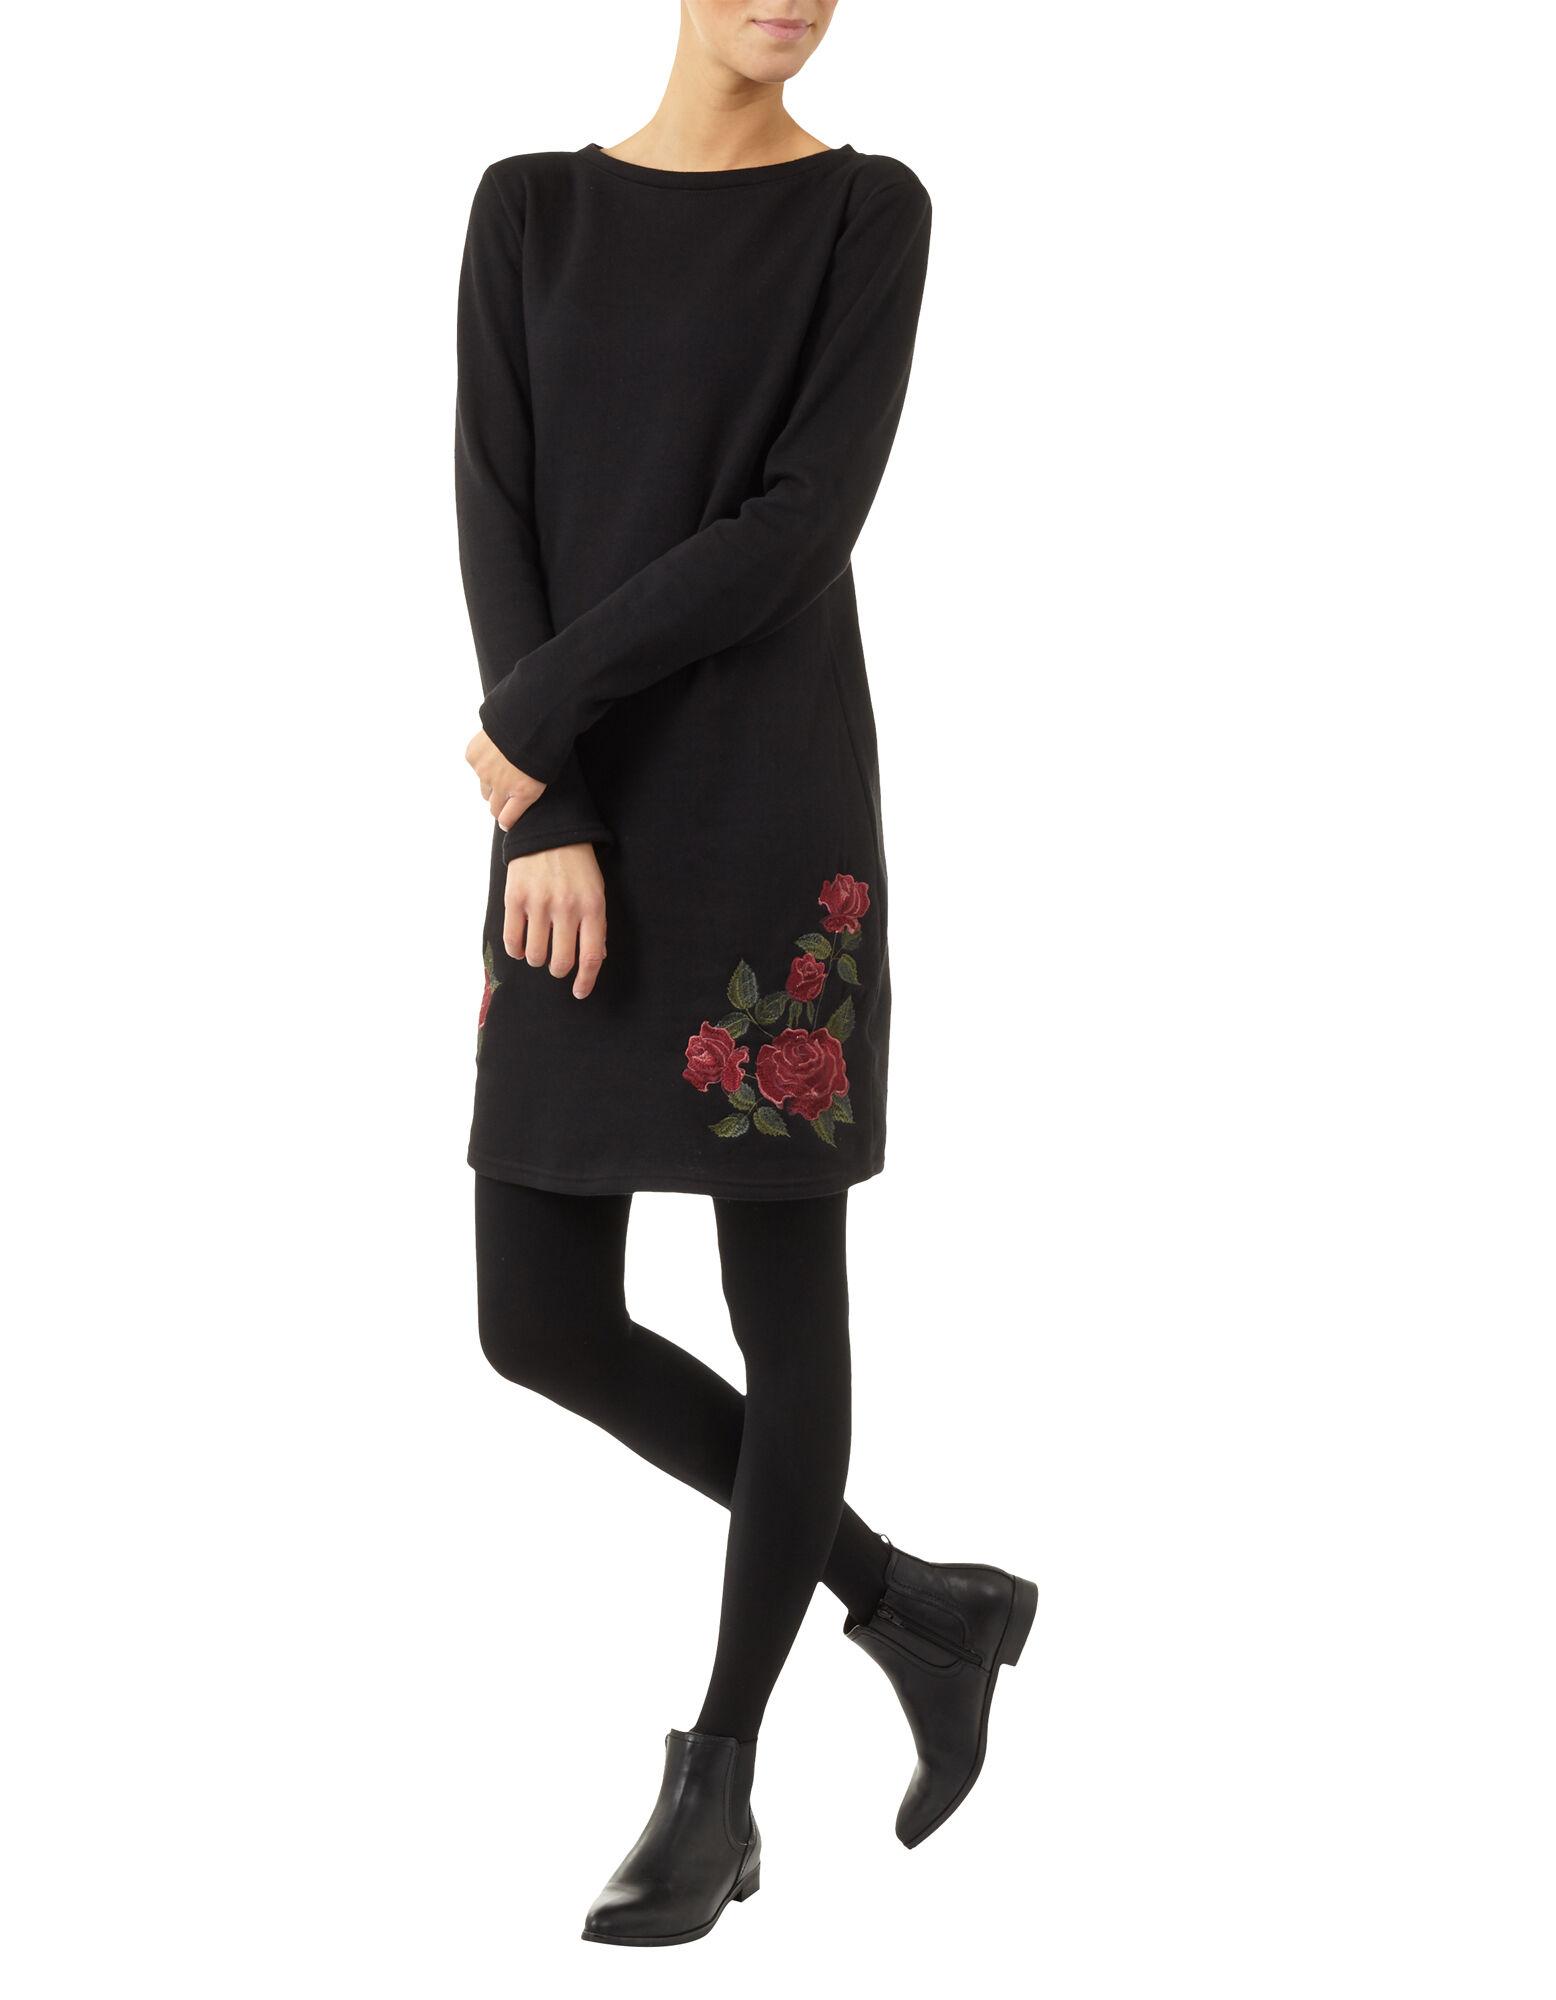 Takko fashion kleider | Trendige Kleider für die Saison 2018